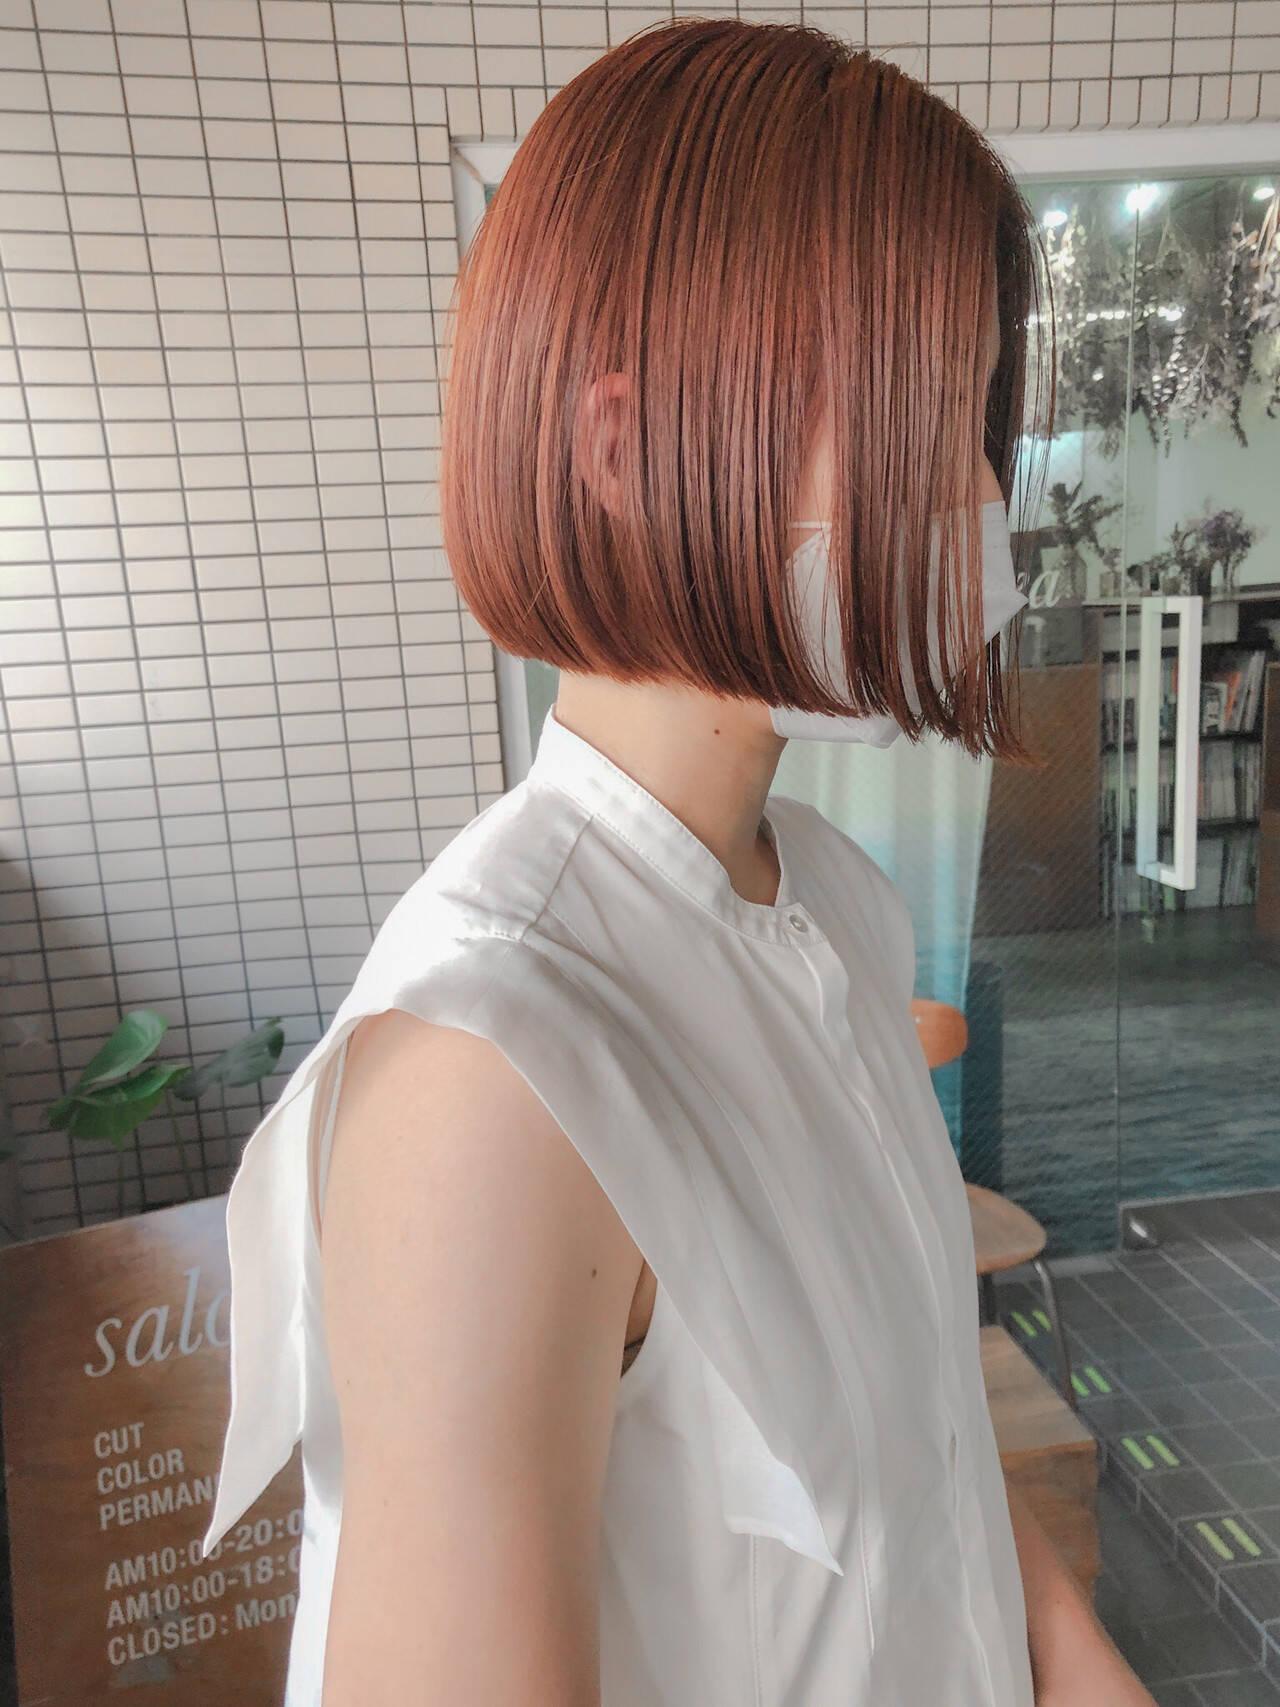 ミニボブ オレンジブラウン ダブルカラー ボブヘアスタイルや髪型の写真・画像